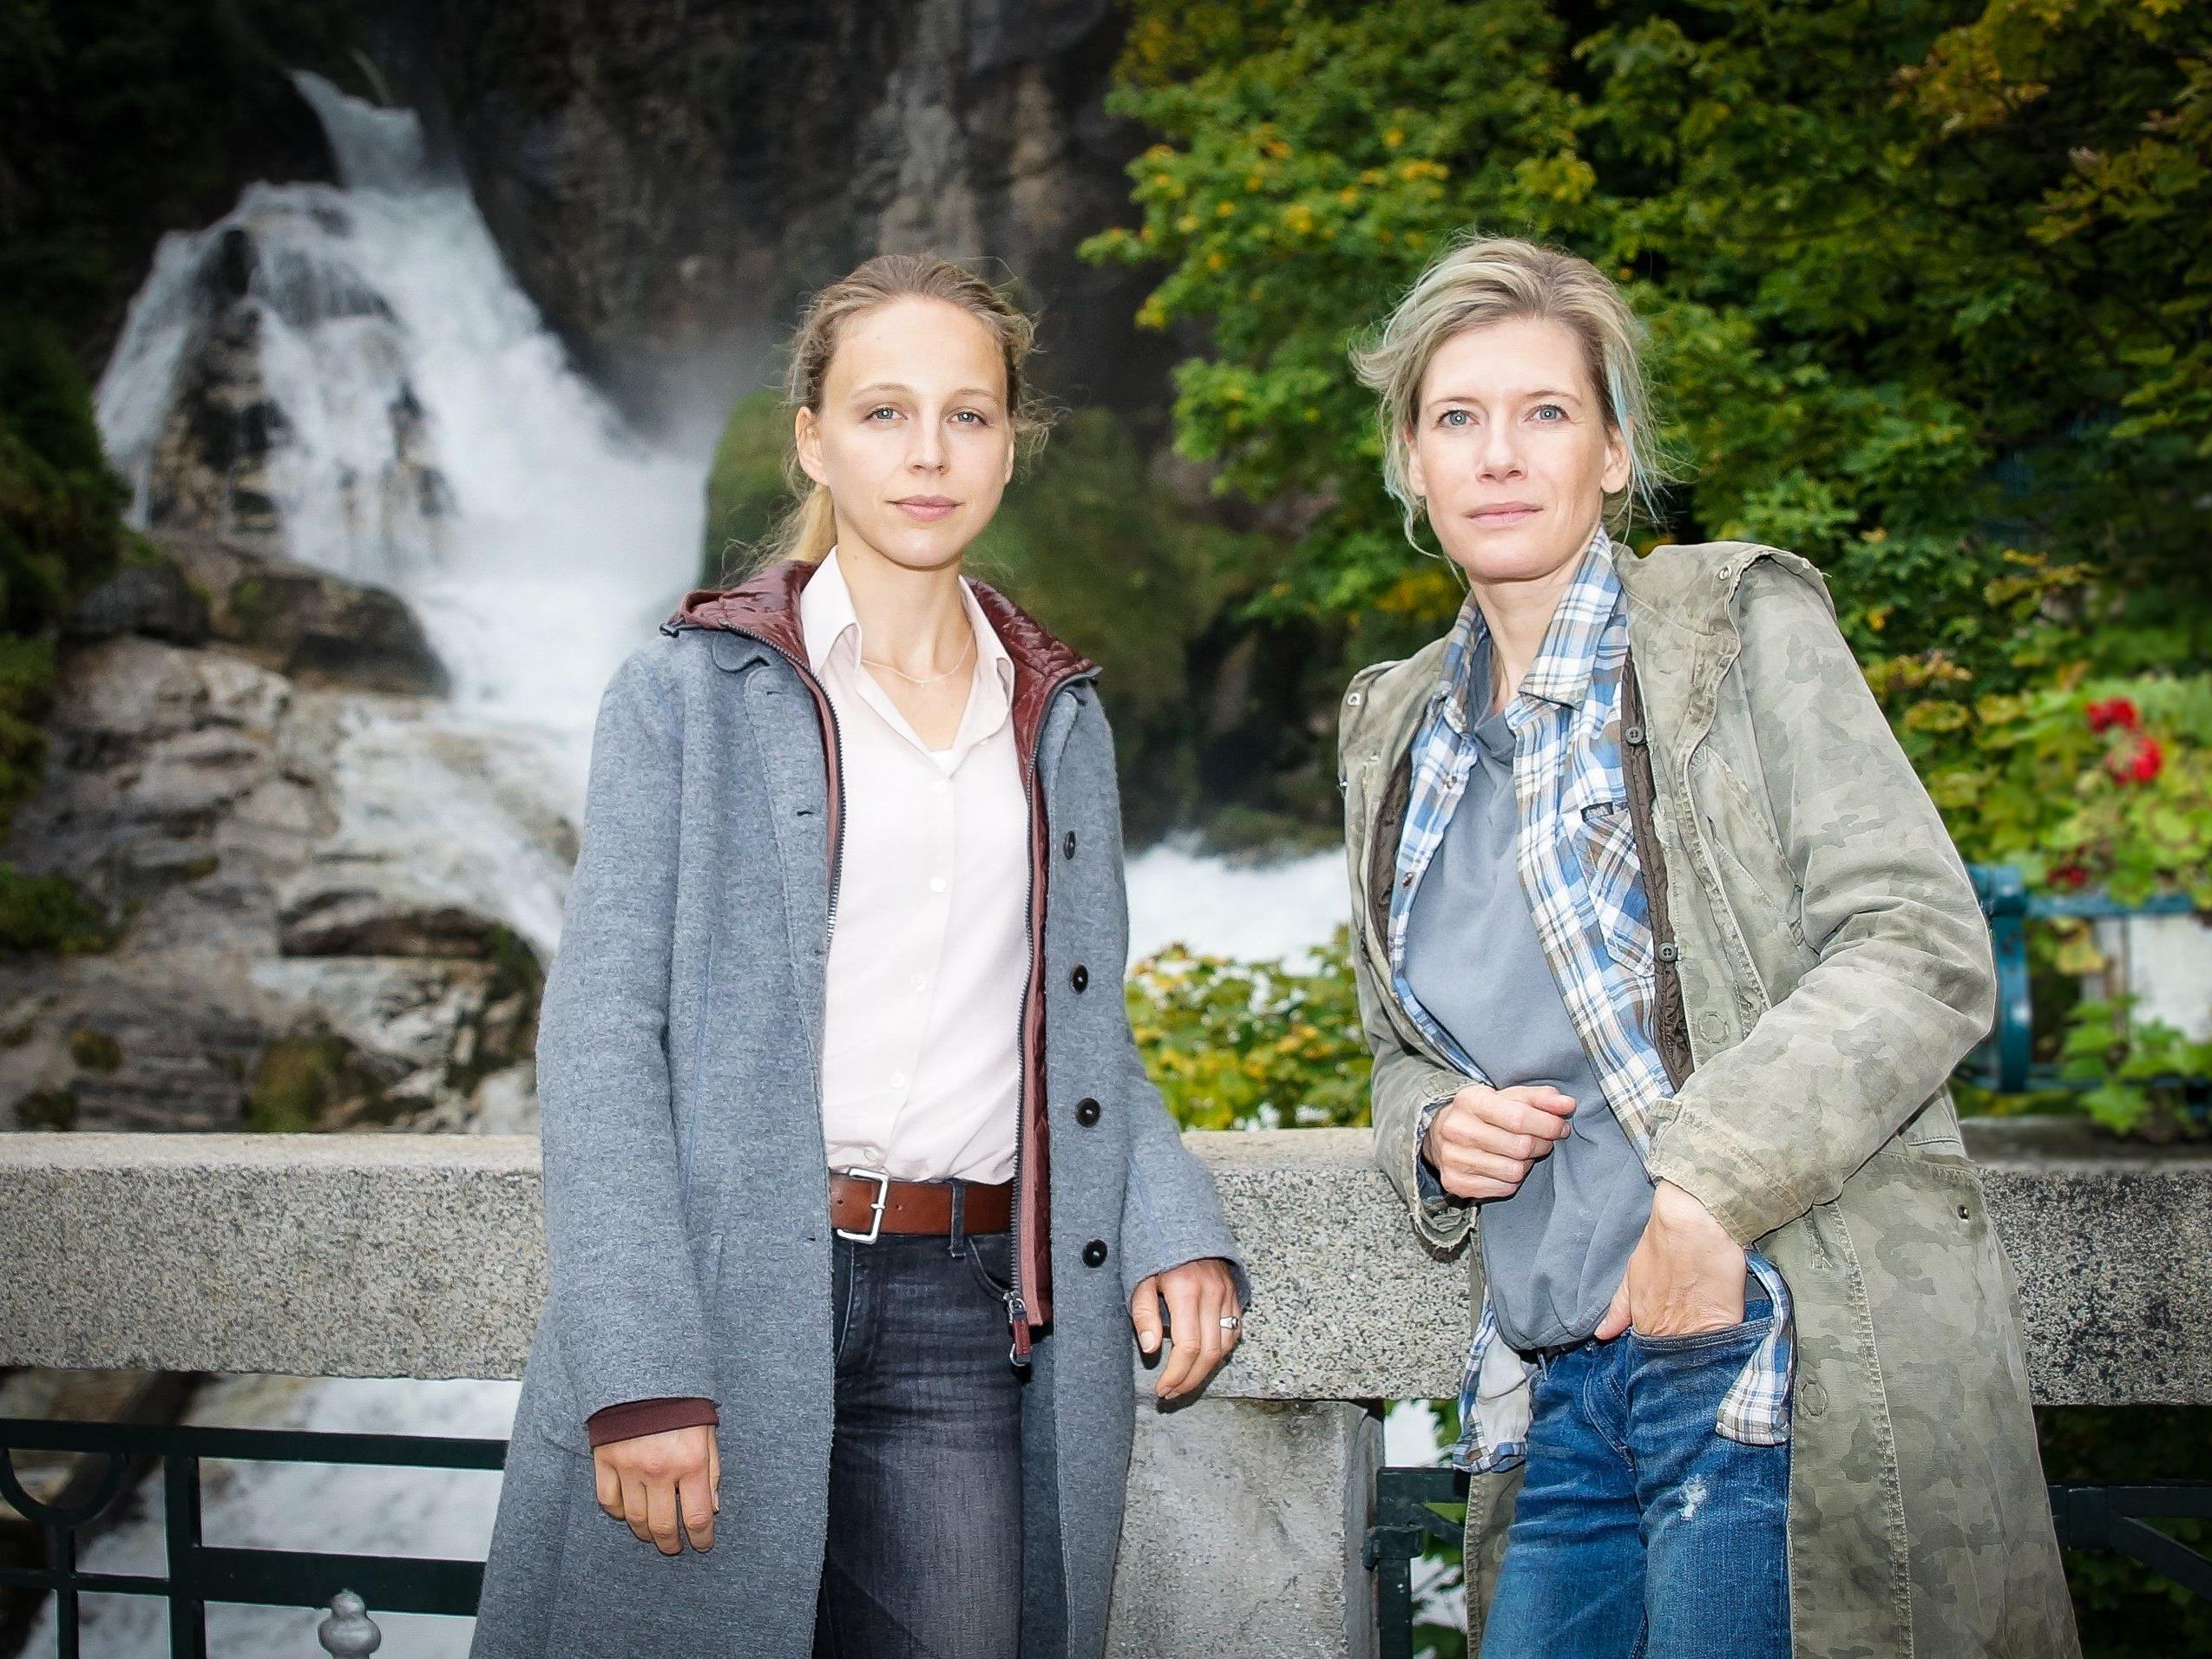 Petra Schmith-Schaller (l.) dreht derzeit u.a. mit Ina Weisse einen TV-Film in Bad Gastein.